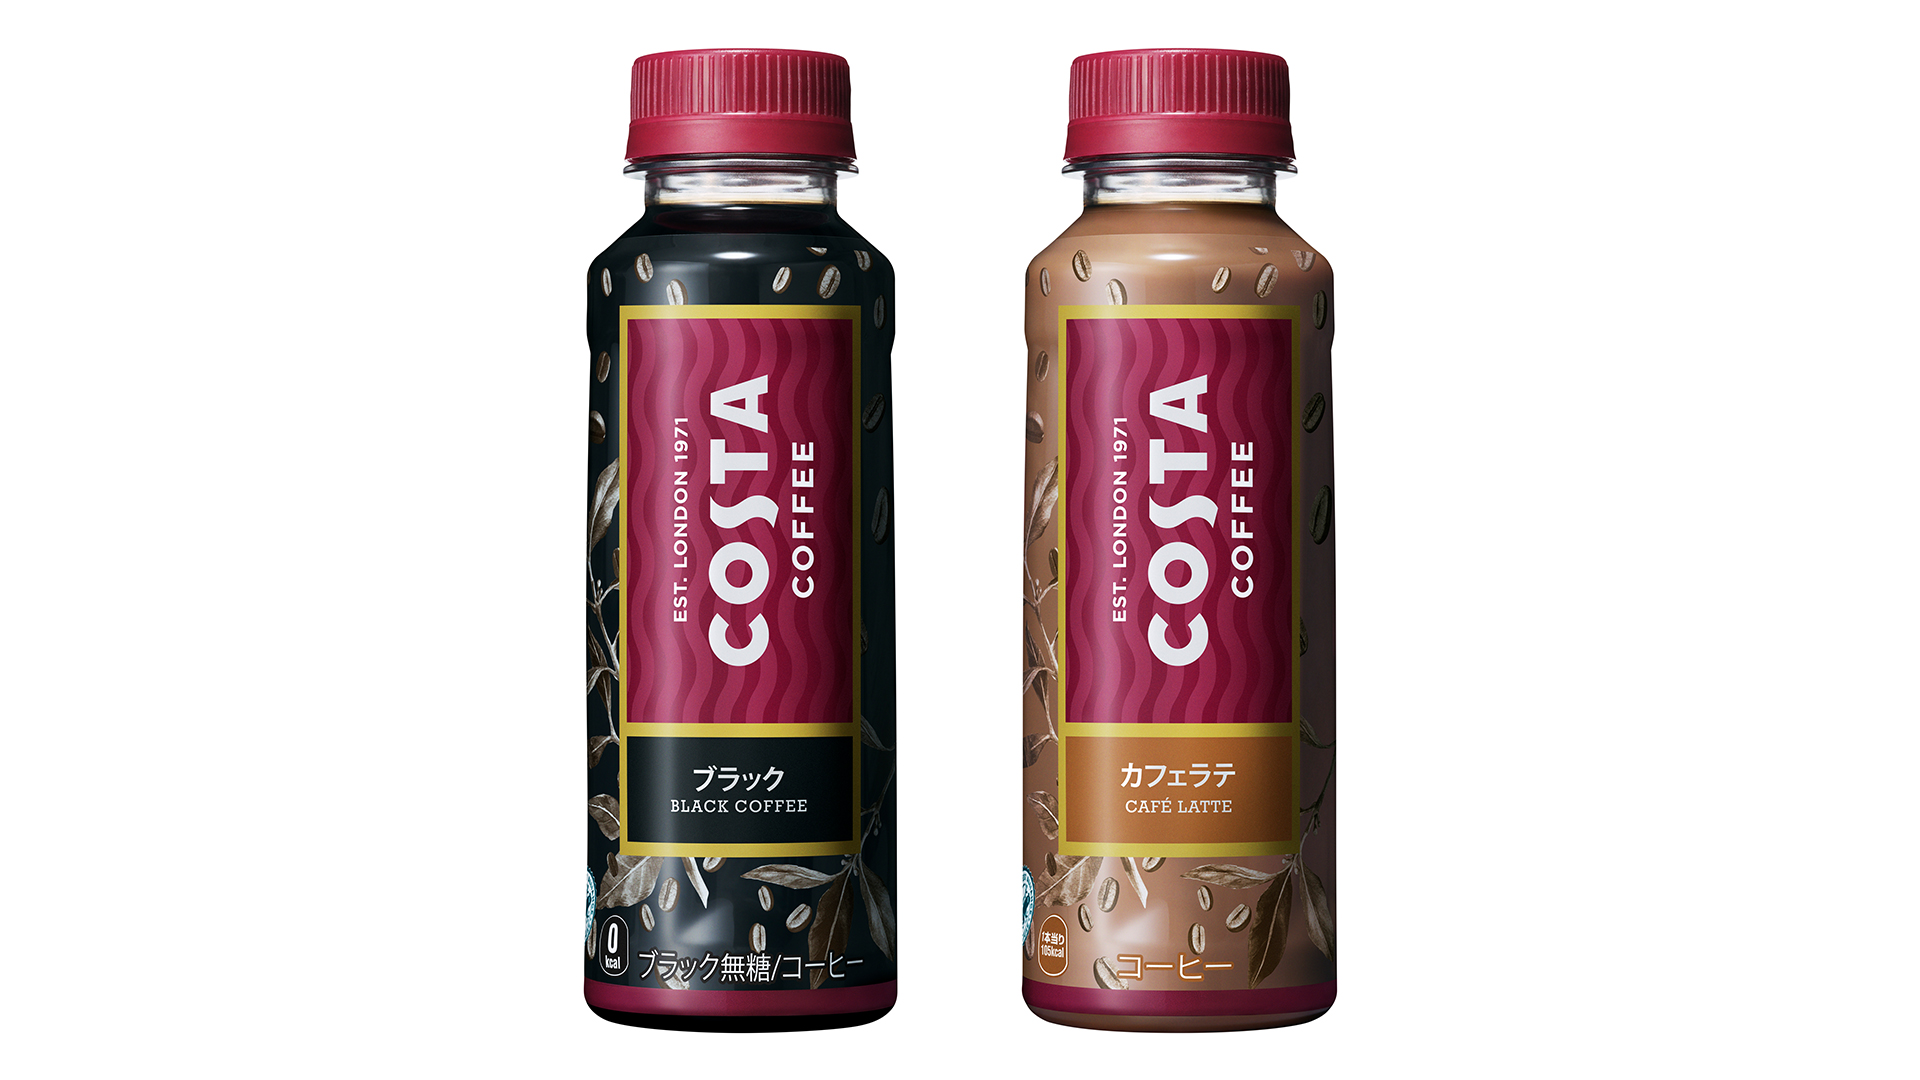 コカ・コーラ『コスタ ブラック』『コスタ カフェラテ』